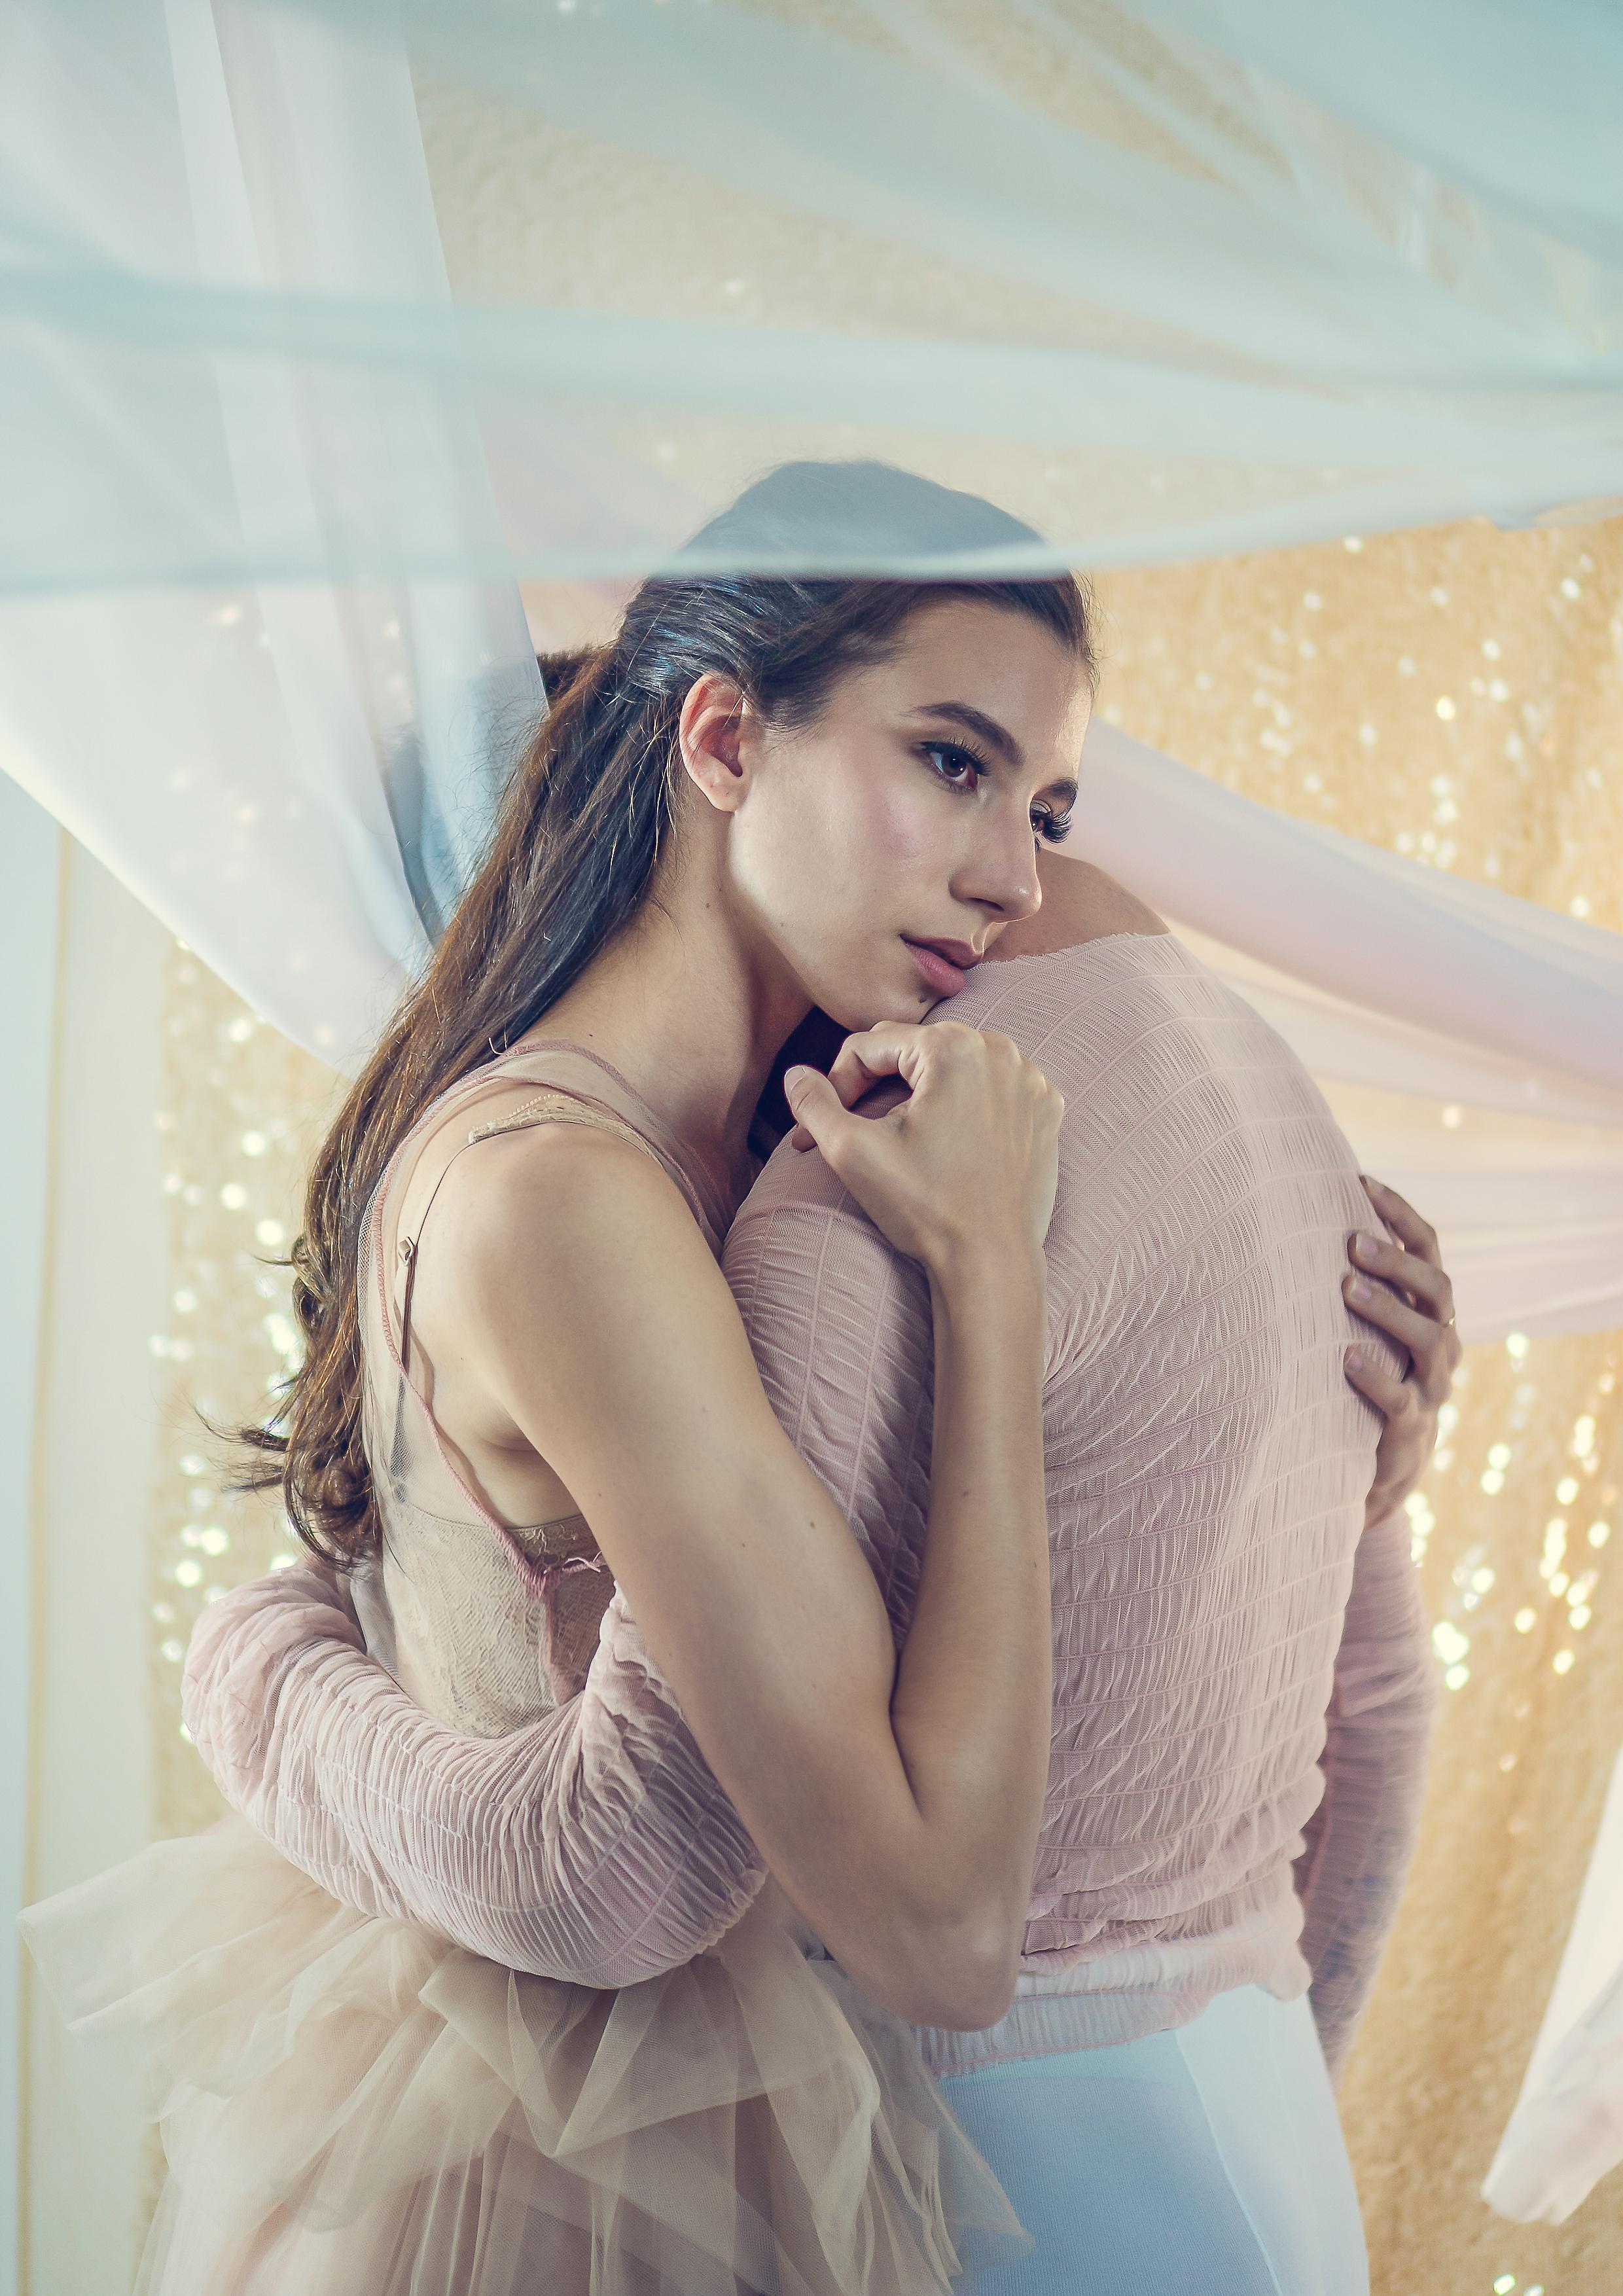 LOOKBOOK: Ballet Romantic